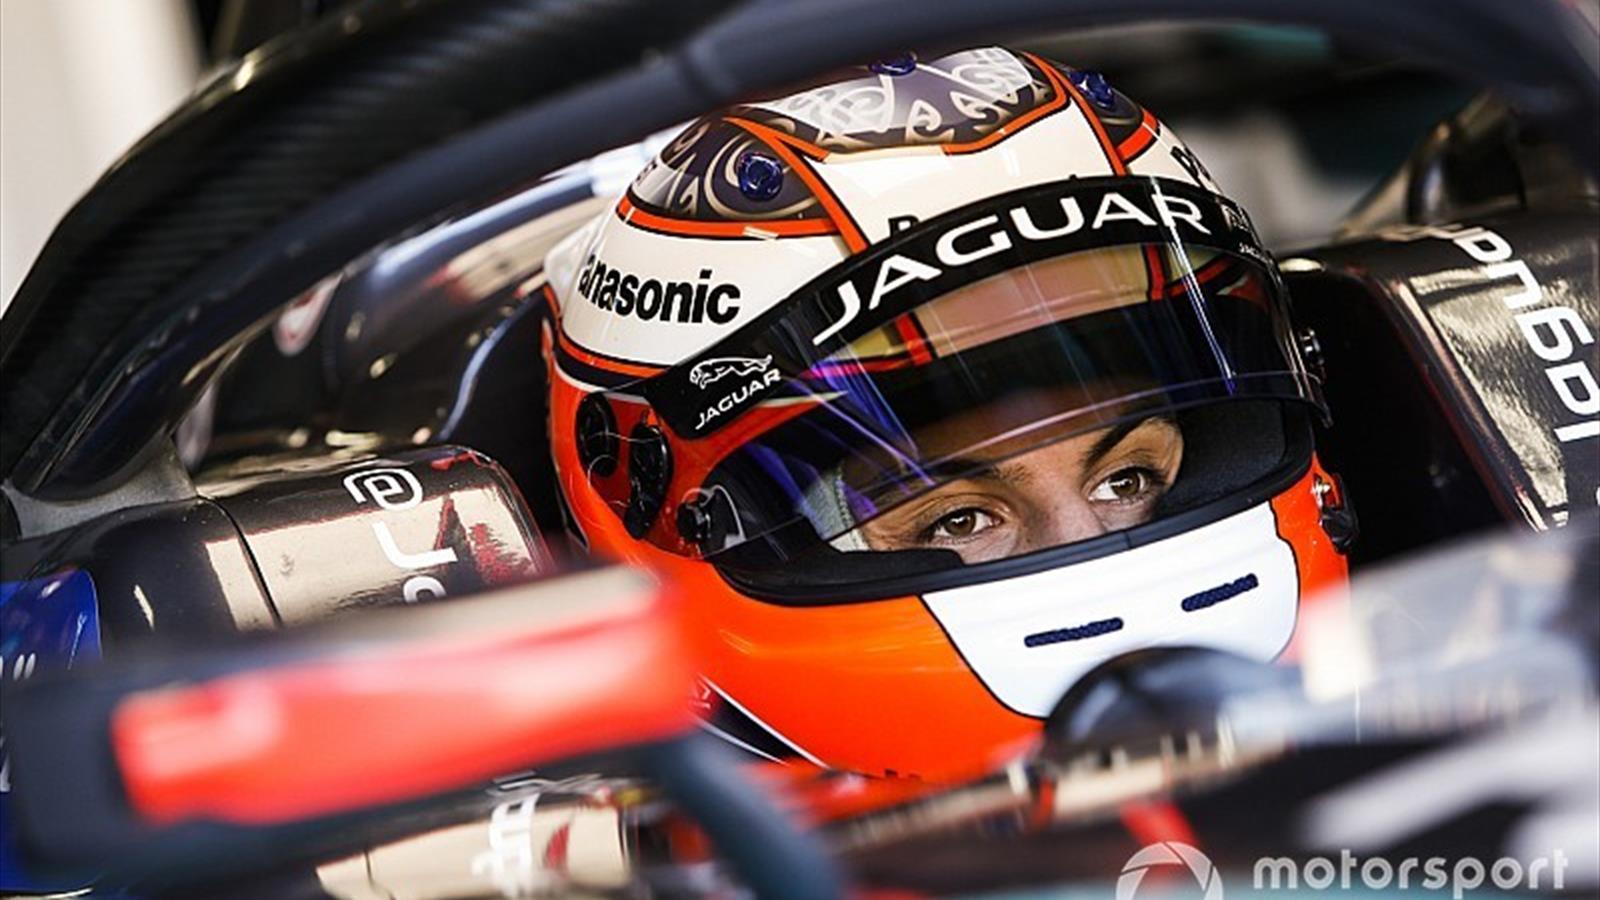 Evans exasp r par une norme opportunit manqu e formule e eurosport - Formule vitesse de coupe ...